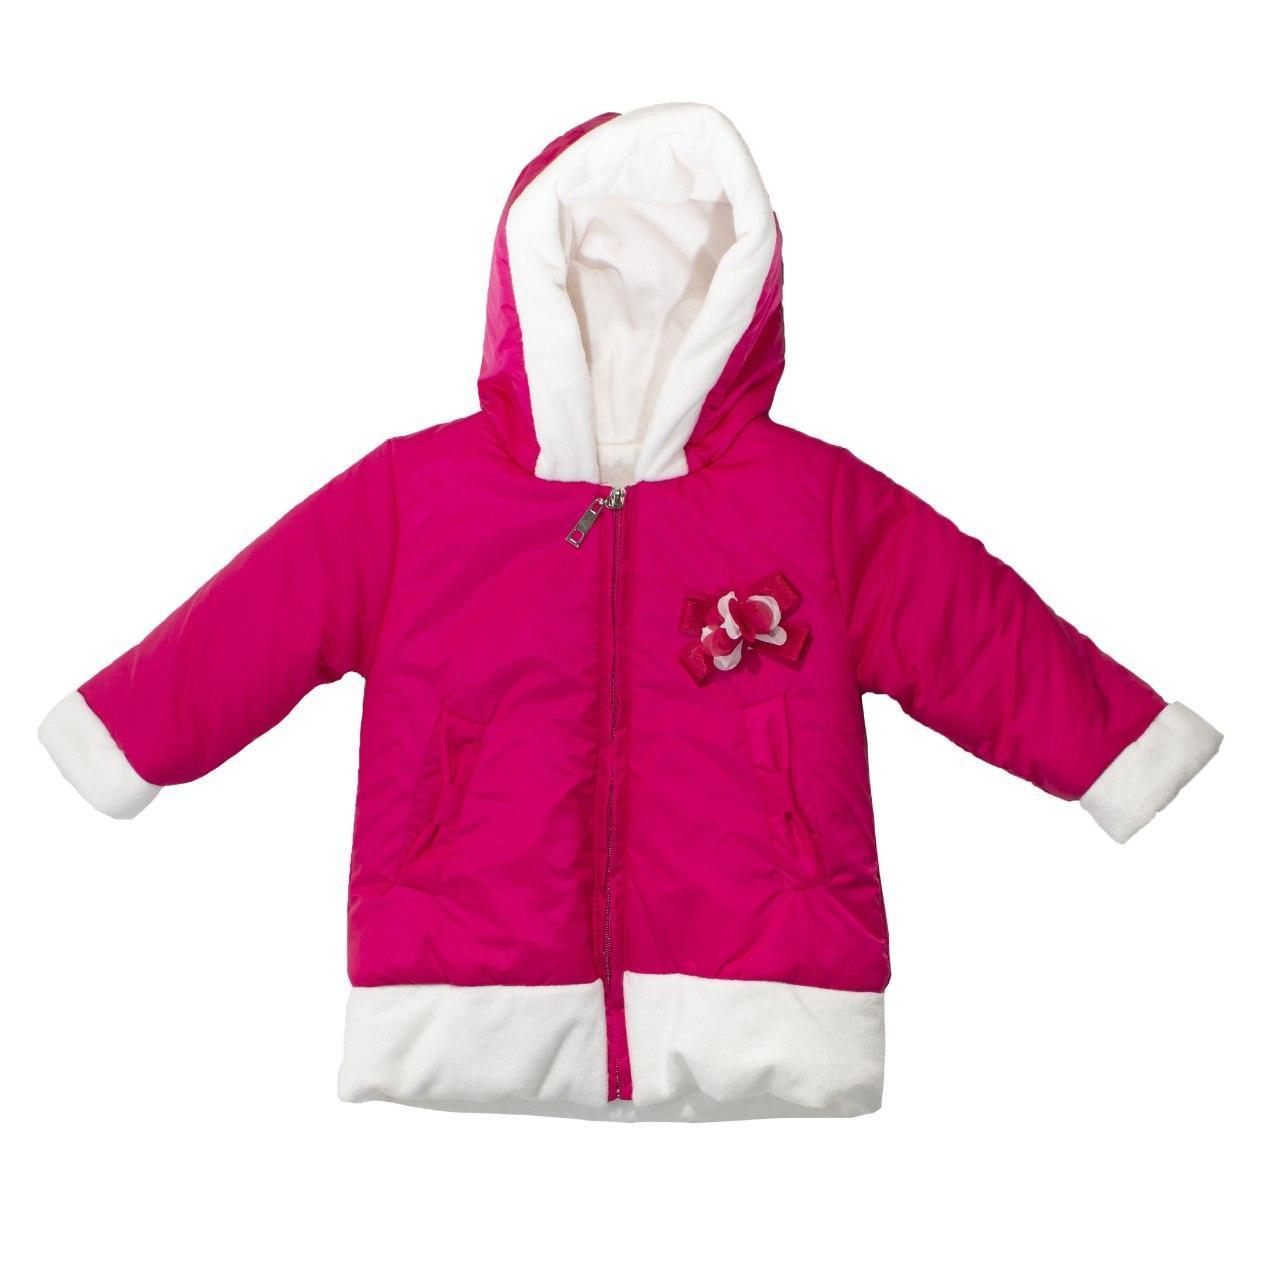 Демисезонная курточка для девочки, размеры 1, 2 года